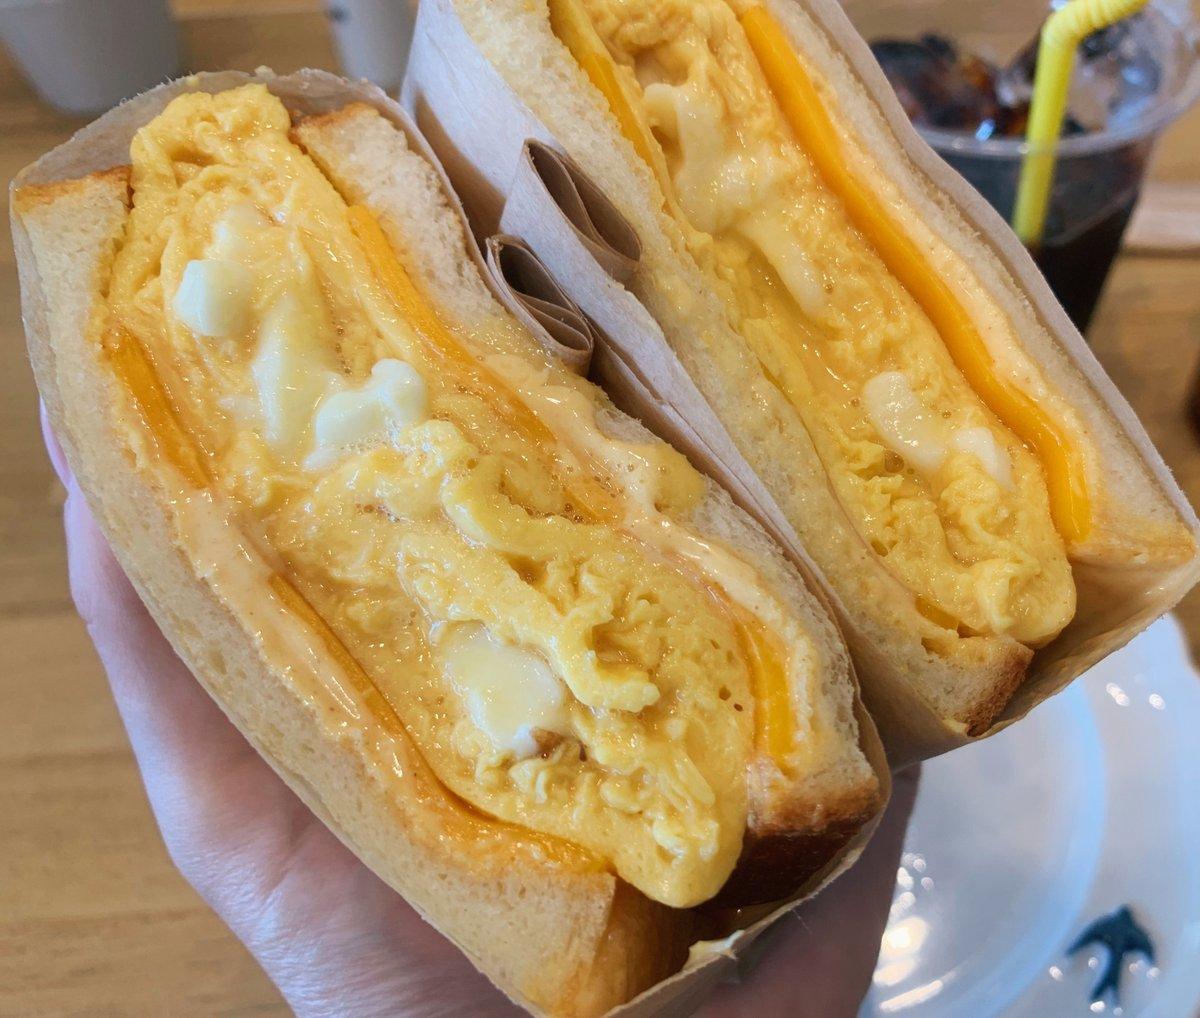 【つばめパン&Milk】@愛知(名古屋):尼ヶ坂駅から徒歩3分とろとろ玉子を挟んだオムレツサンドを食べられるお店玉子には生クリームが練りこんであって、飲めてしまいそうなくらいふわとろ。濃厚チーズも挟んでいて更にとろみを強くした贅沢サンド!マスタードの風味もほんのり感じられる逸品!